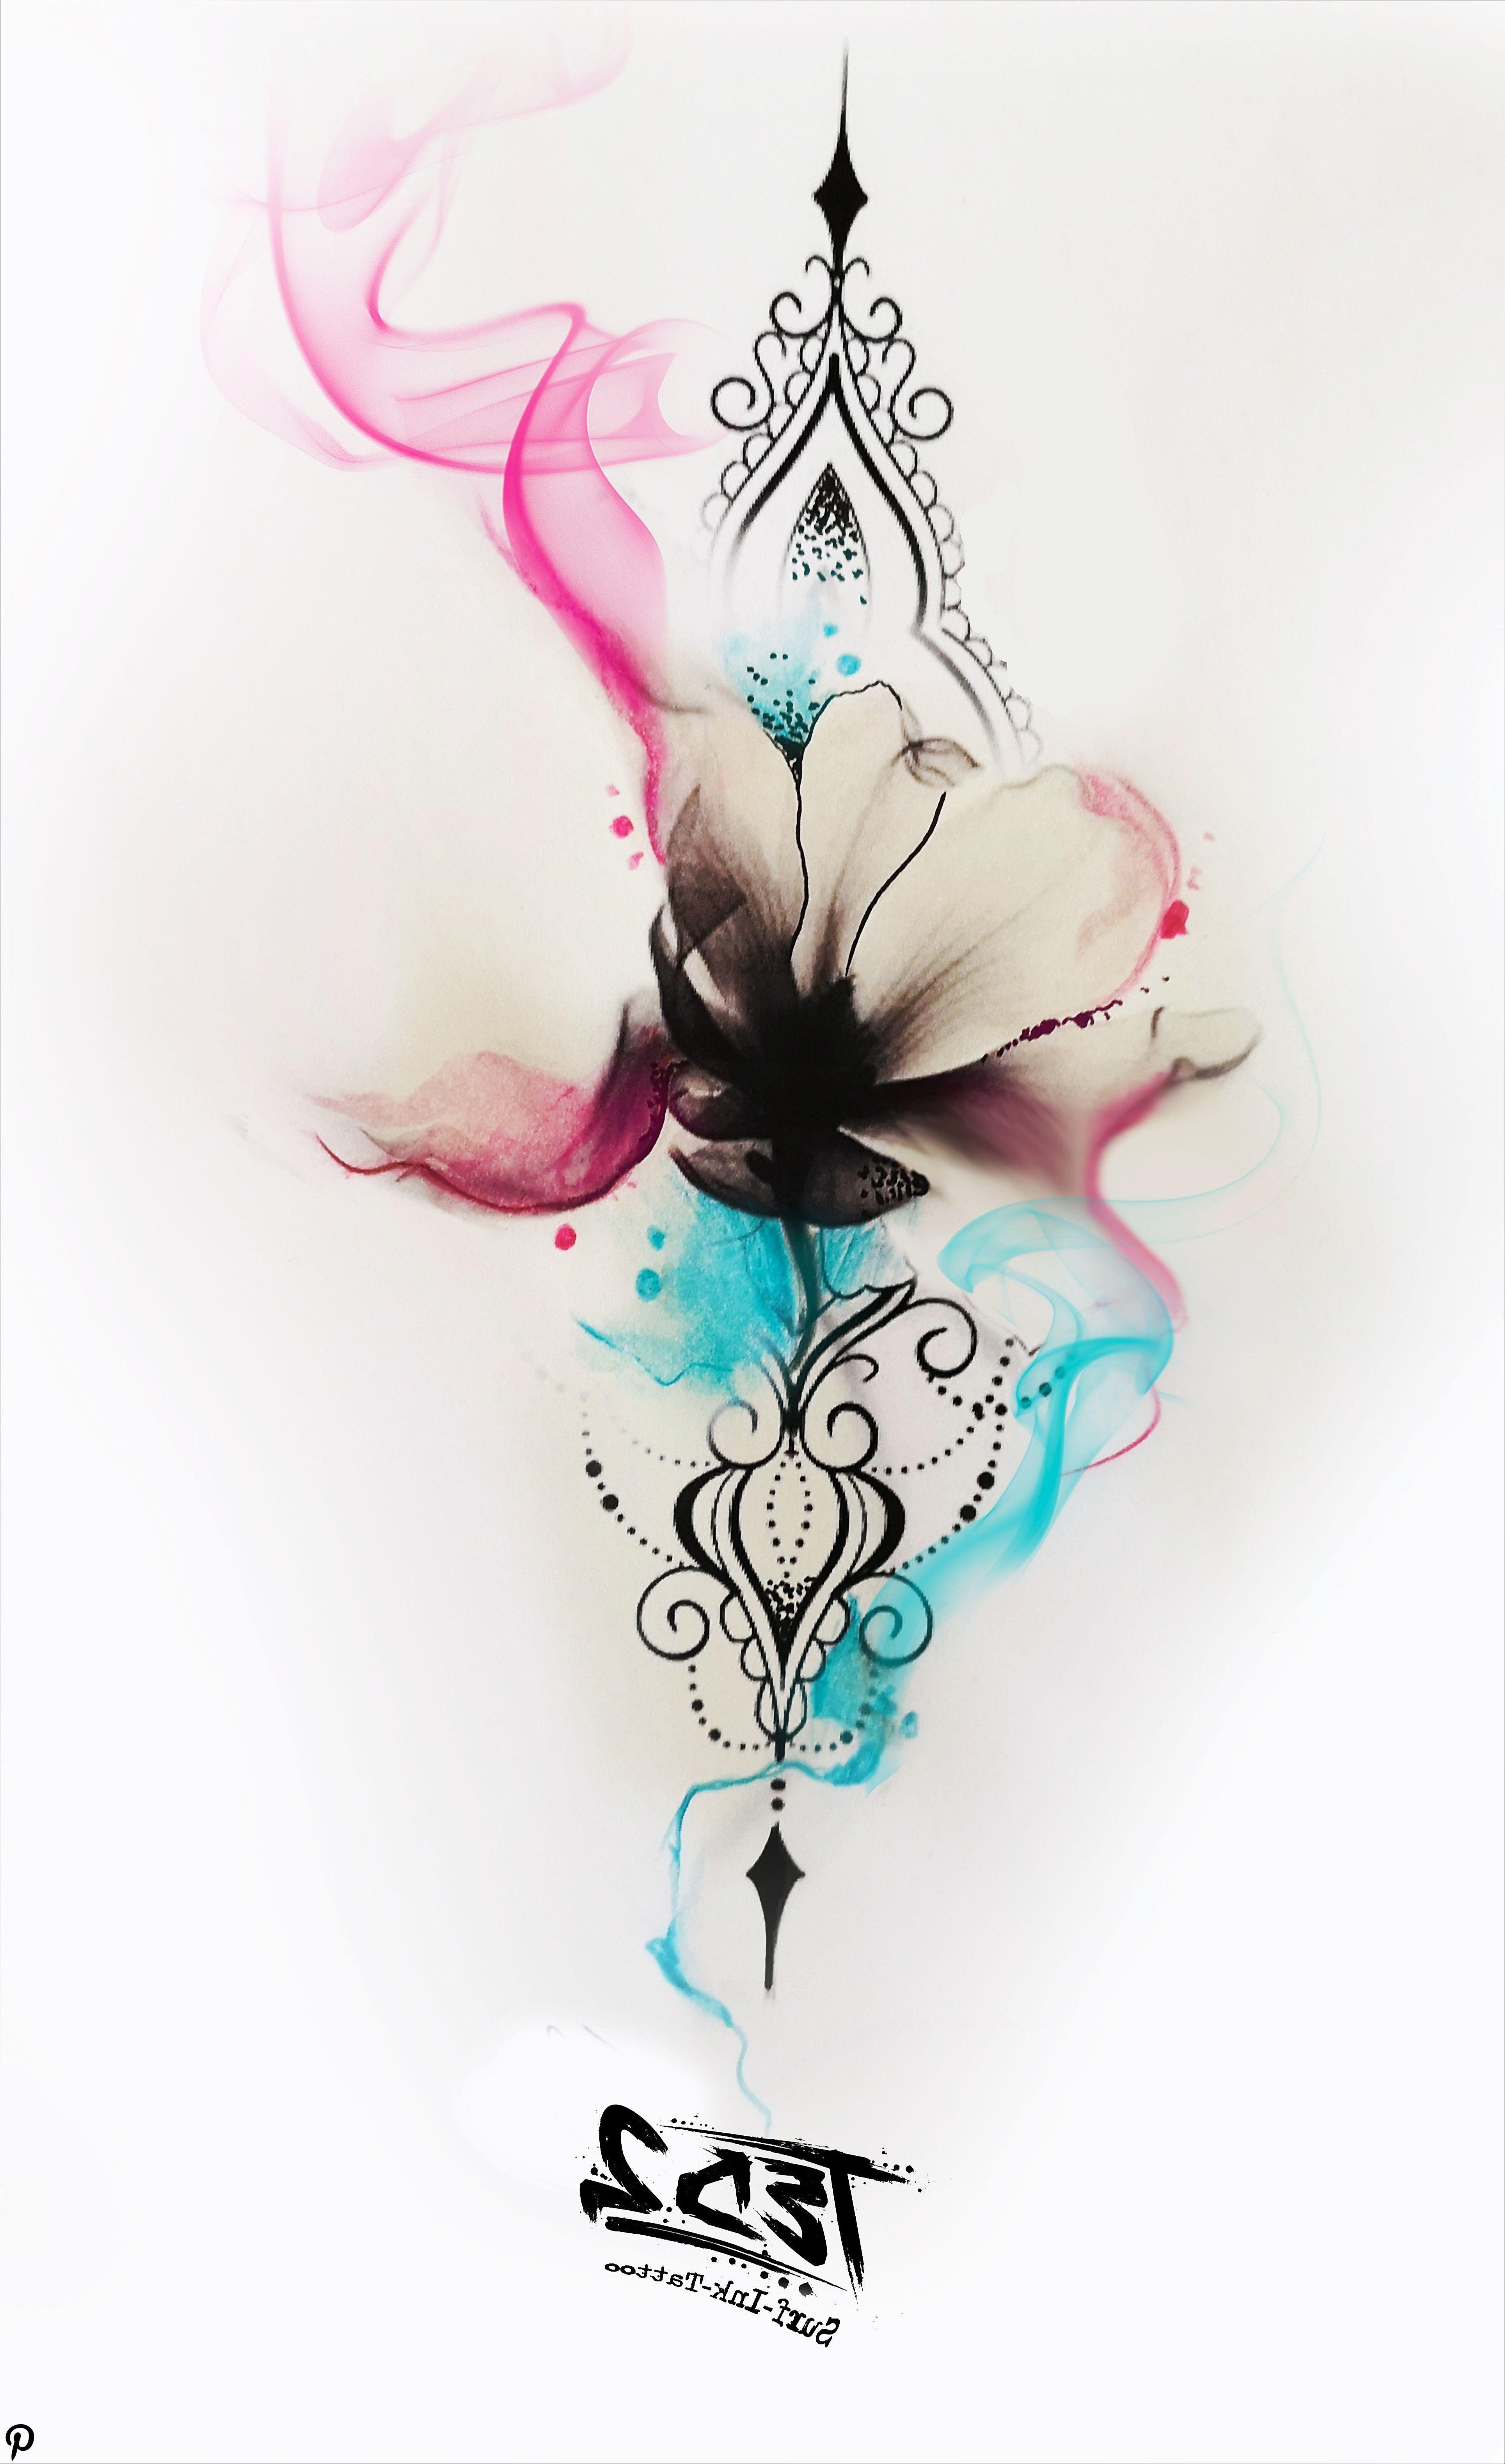 Tattoo designtattoogirl tattootattoo flashtattoo flower designflower tattootattoo zeichnungze tattoo girl tattoo tattoo flower tattoo Tattoo designtattoogirl tattootattoo...